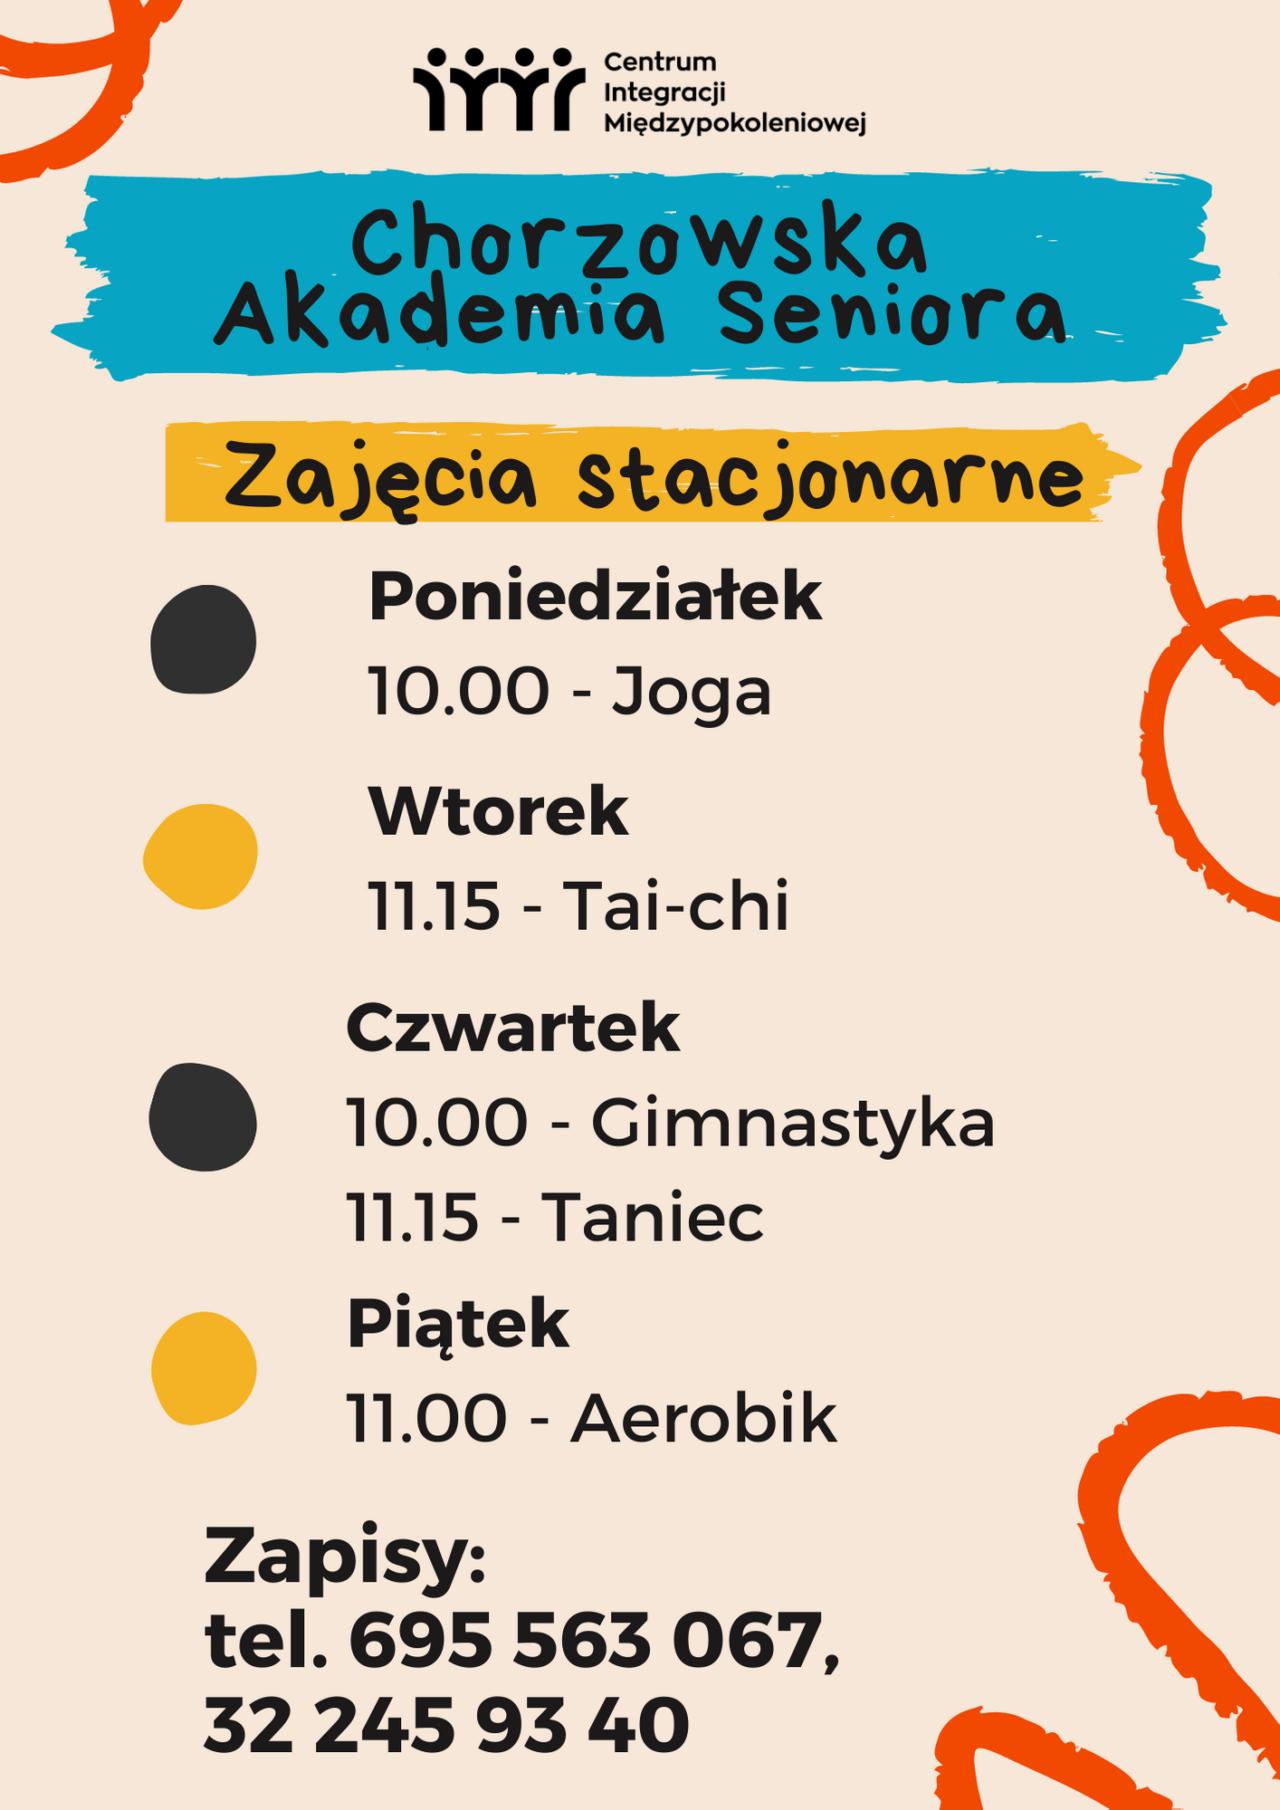 Harmonogram zajęć Chorzowskiej Akademii Seniora